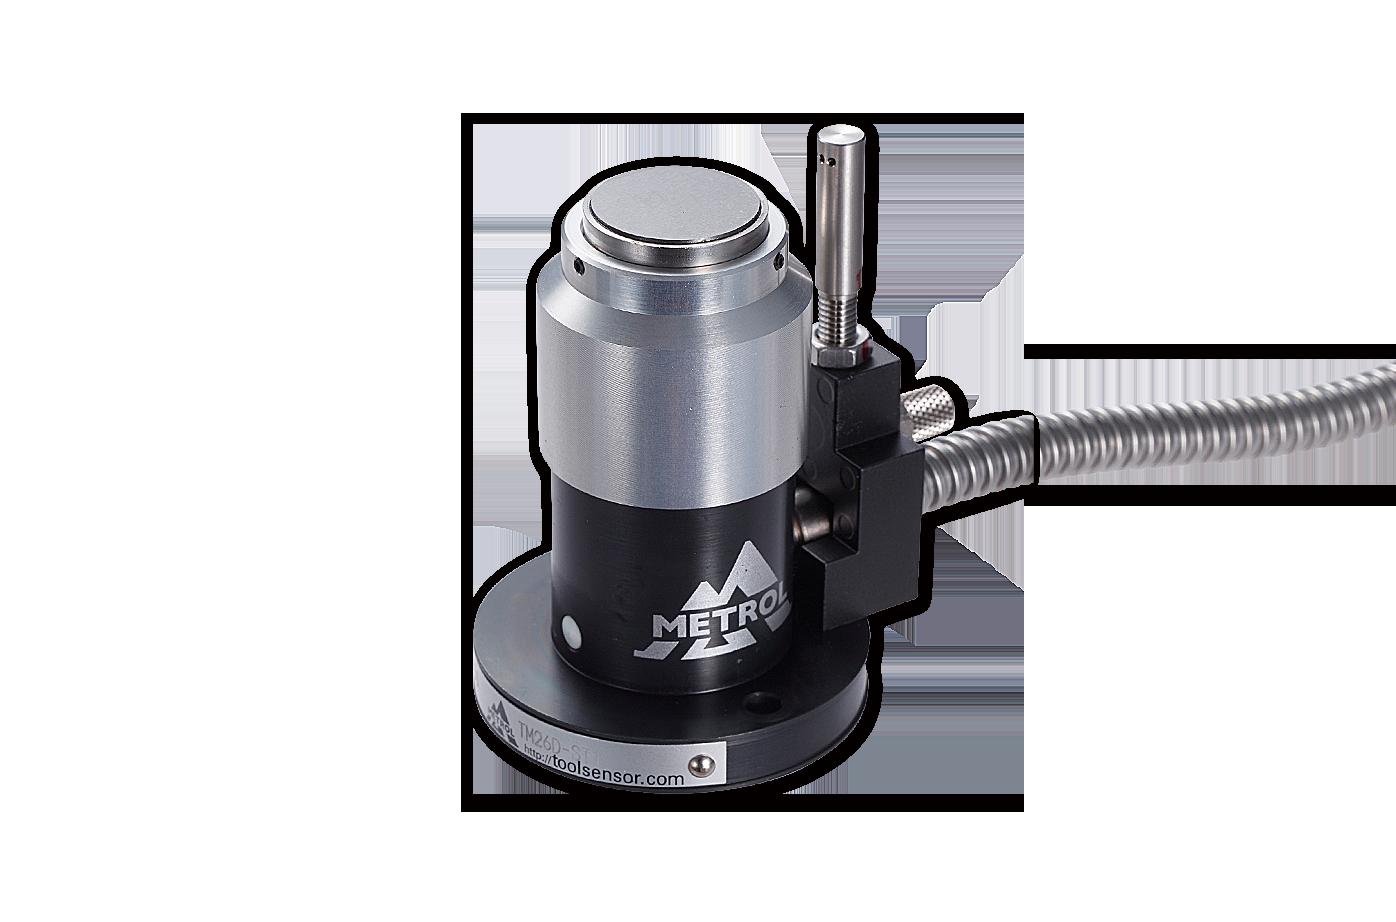 CNCマシニングセンタ用小型ツールセッター[TM26Dシリーズ]